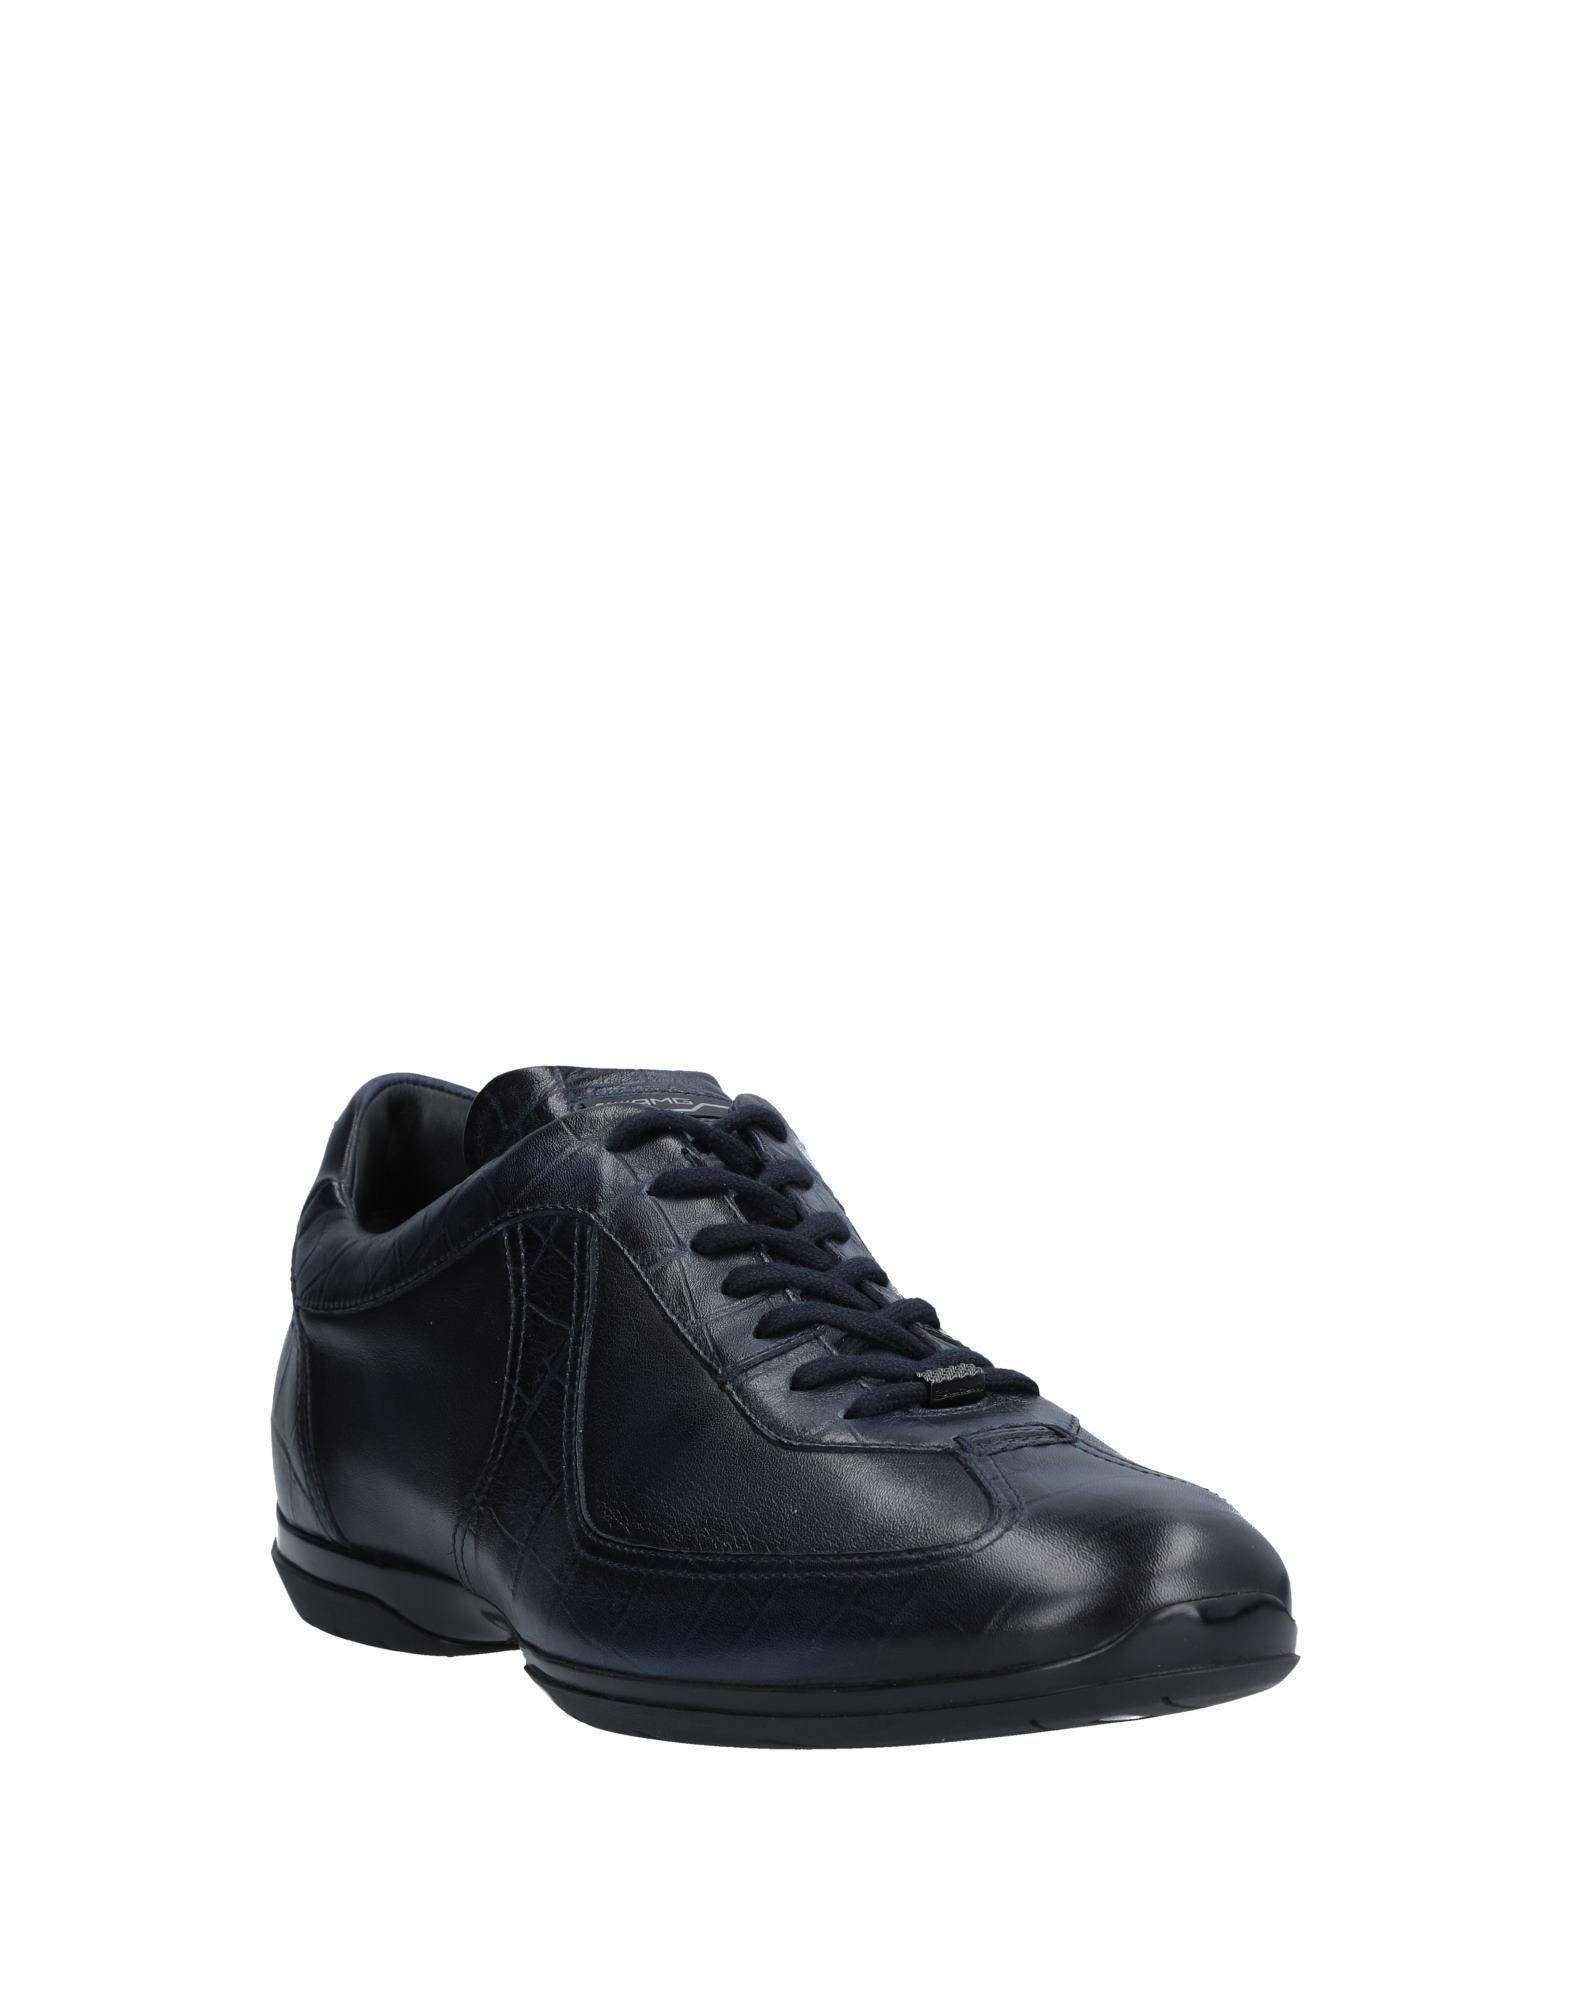 Scarpe resistenti economiche e resistenti Scarpe Sneakers Santoni Uomo - 11542445AU 17eec1